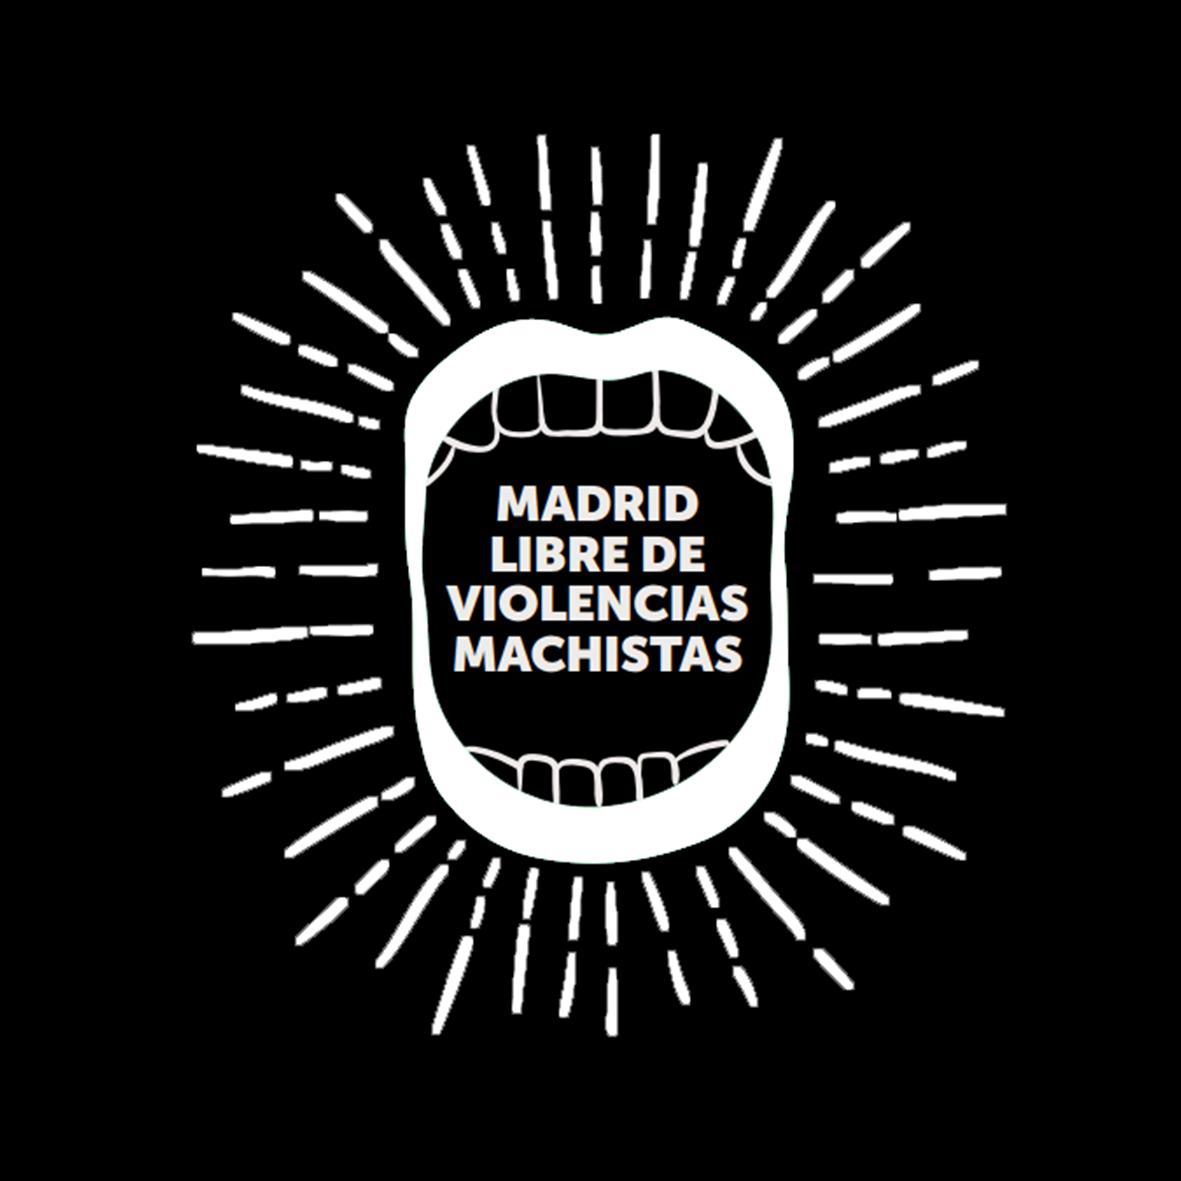 Madrid libre de violencias machistas